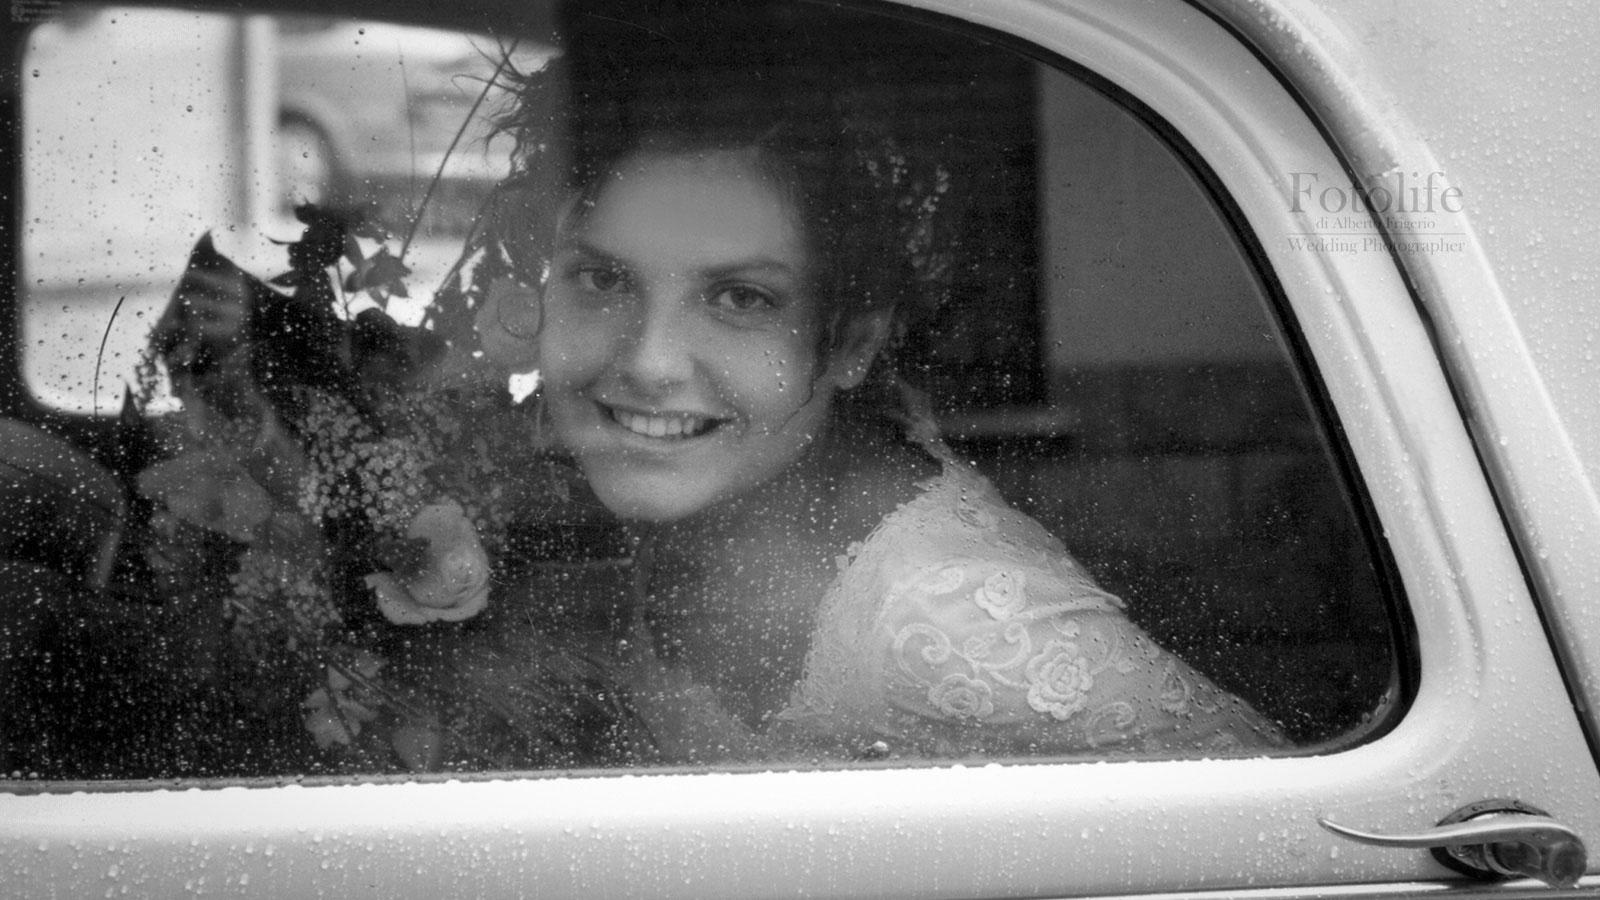 Fotoreportage Como fotoreportage sposa